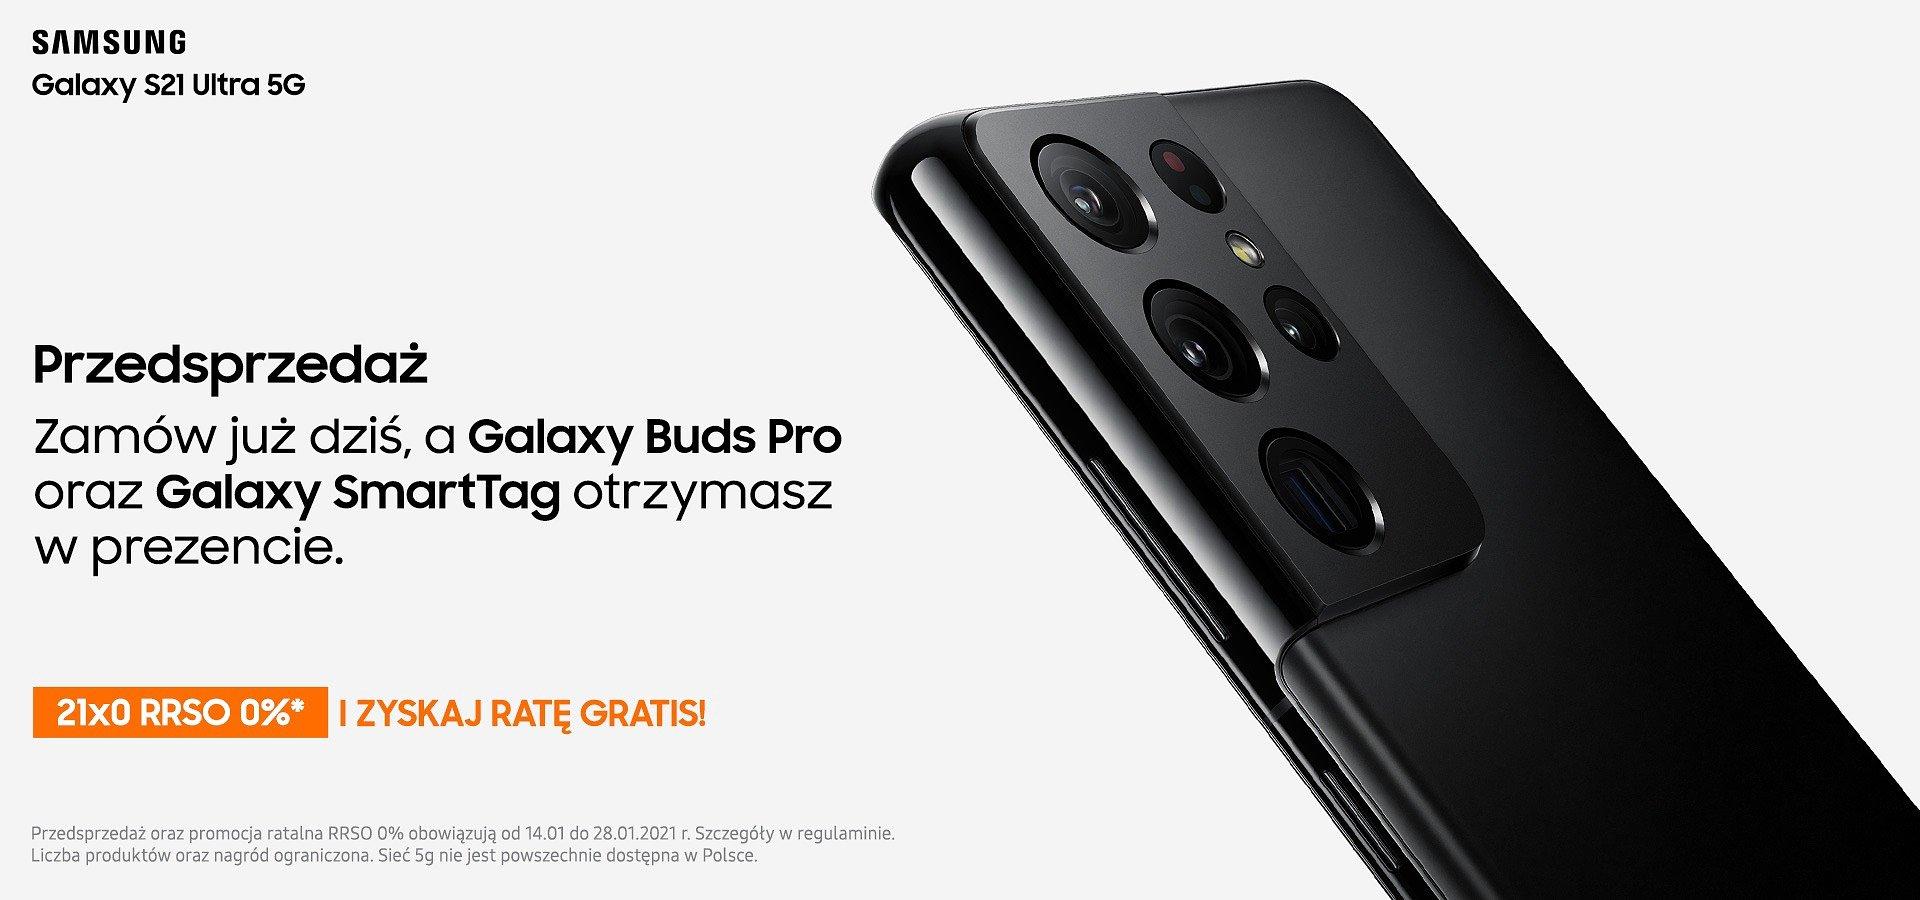 Startuje przedsprzedaż Samsung Galaxy S21 w Komputronik! Zamów dziś i odbierz słuchawki w prezencie